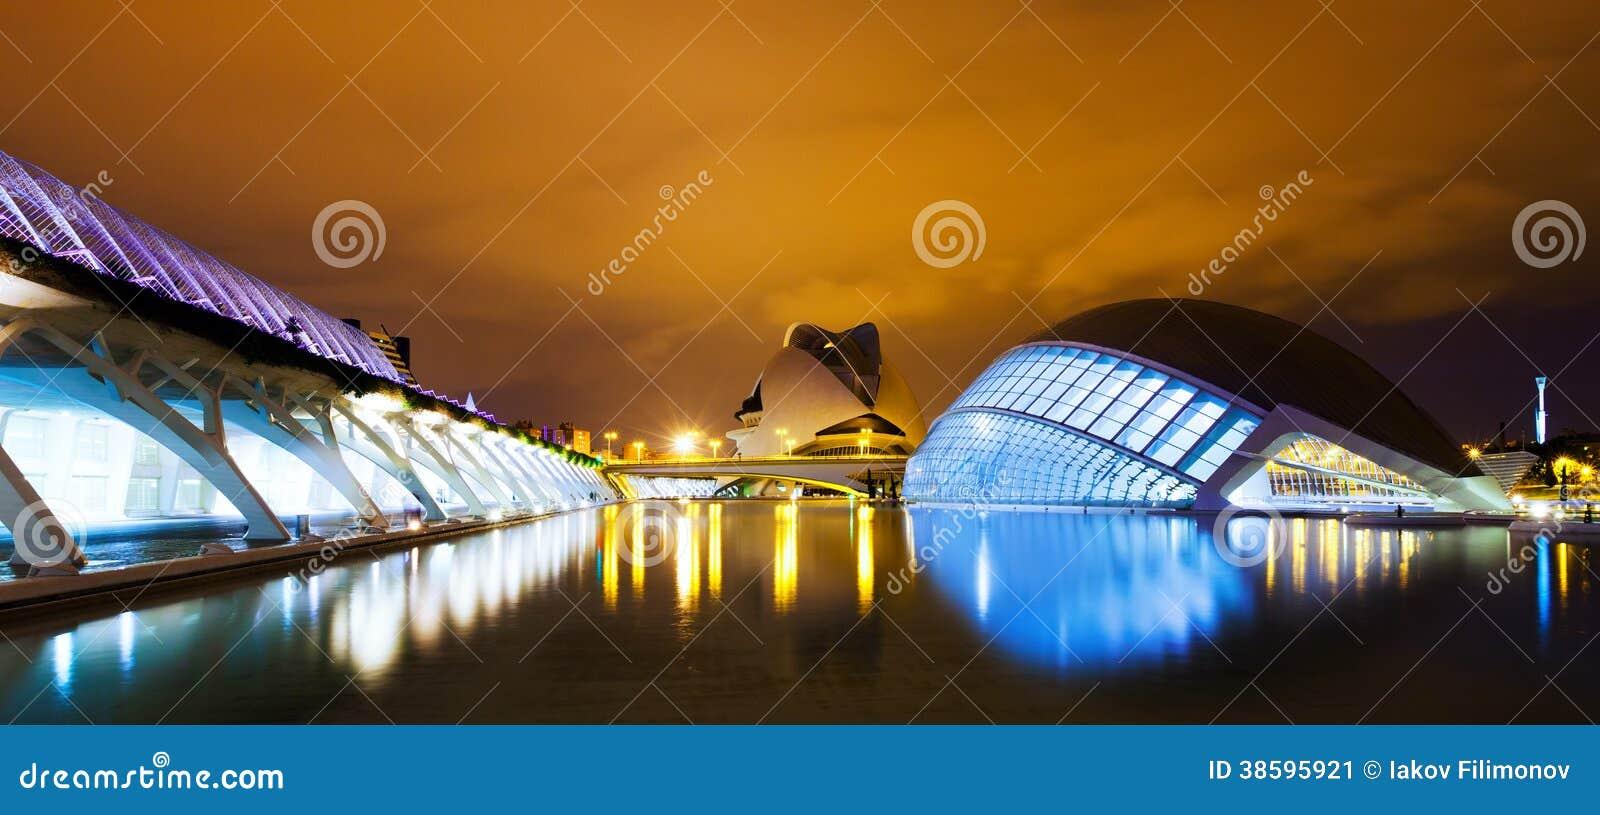 Ciudad de artes y de ciencias en noche. Valecia, España